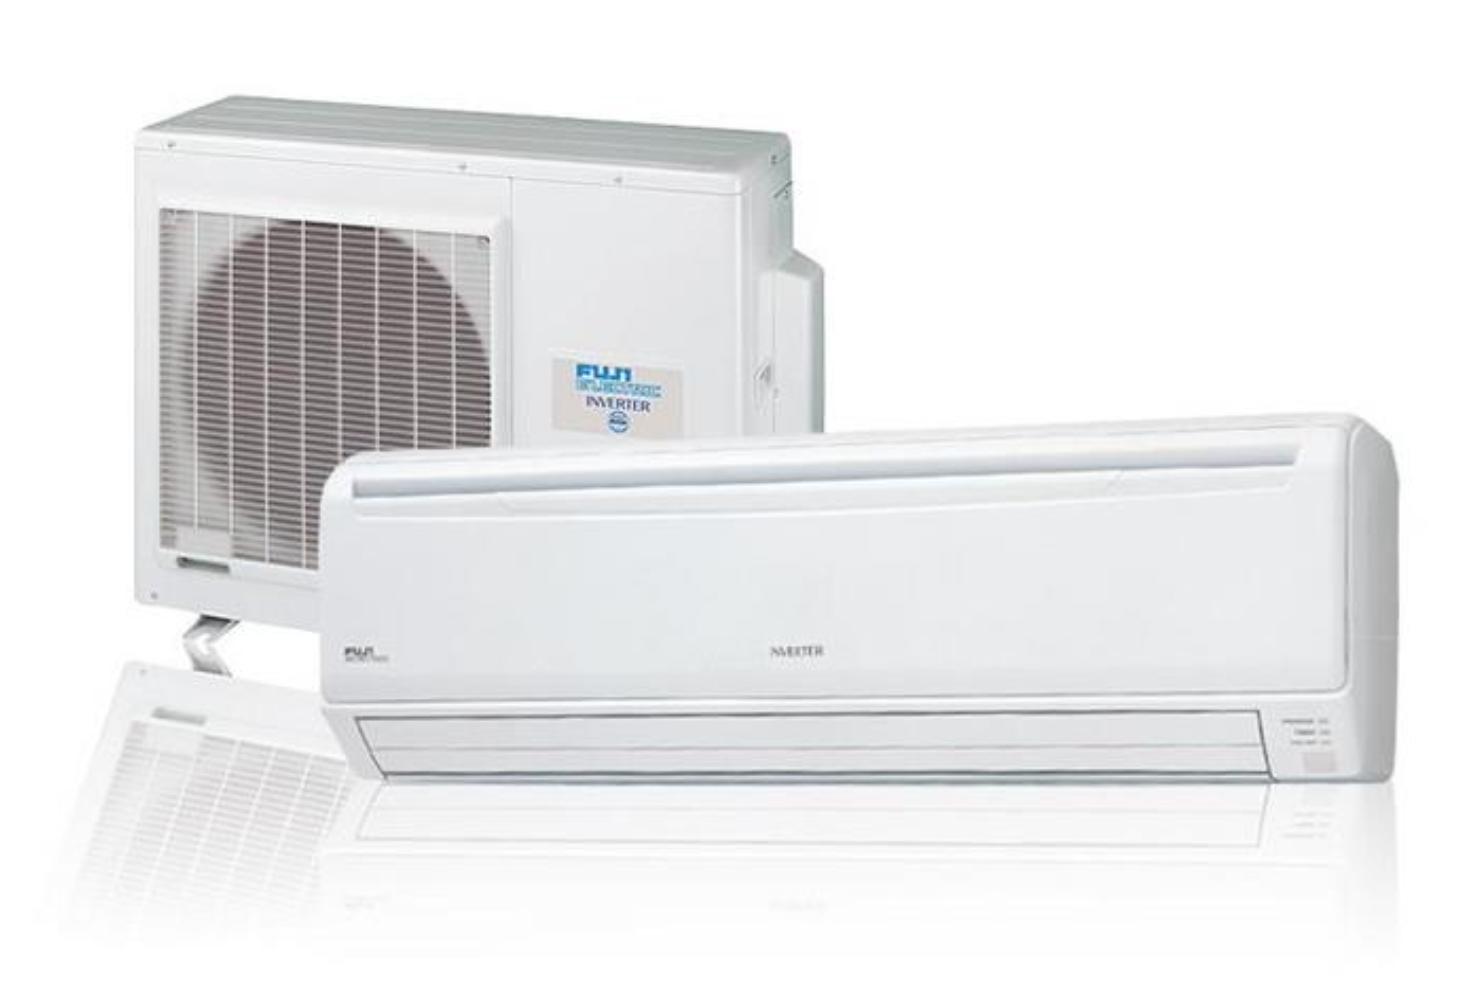 Jak dobrać klimatyzator do pomieszczenia